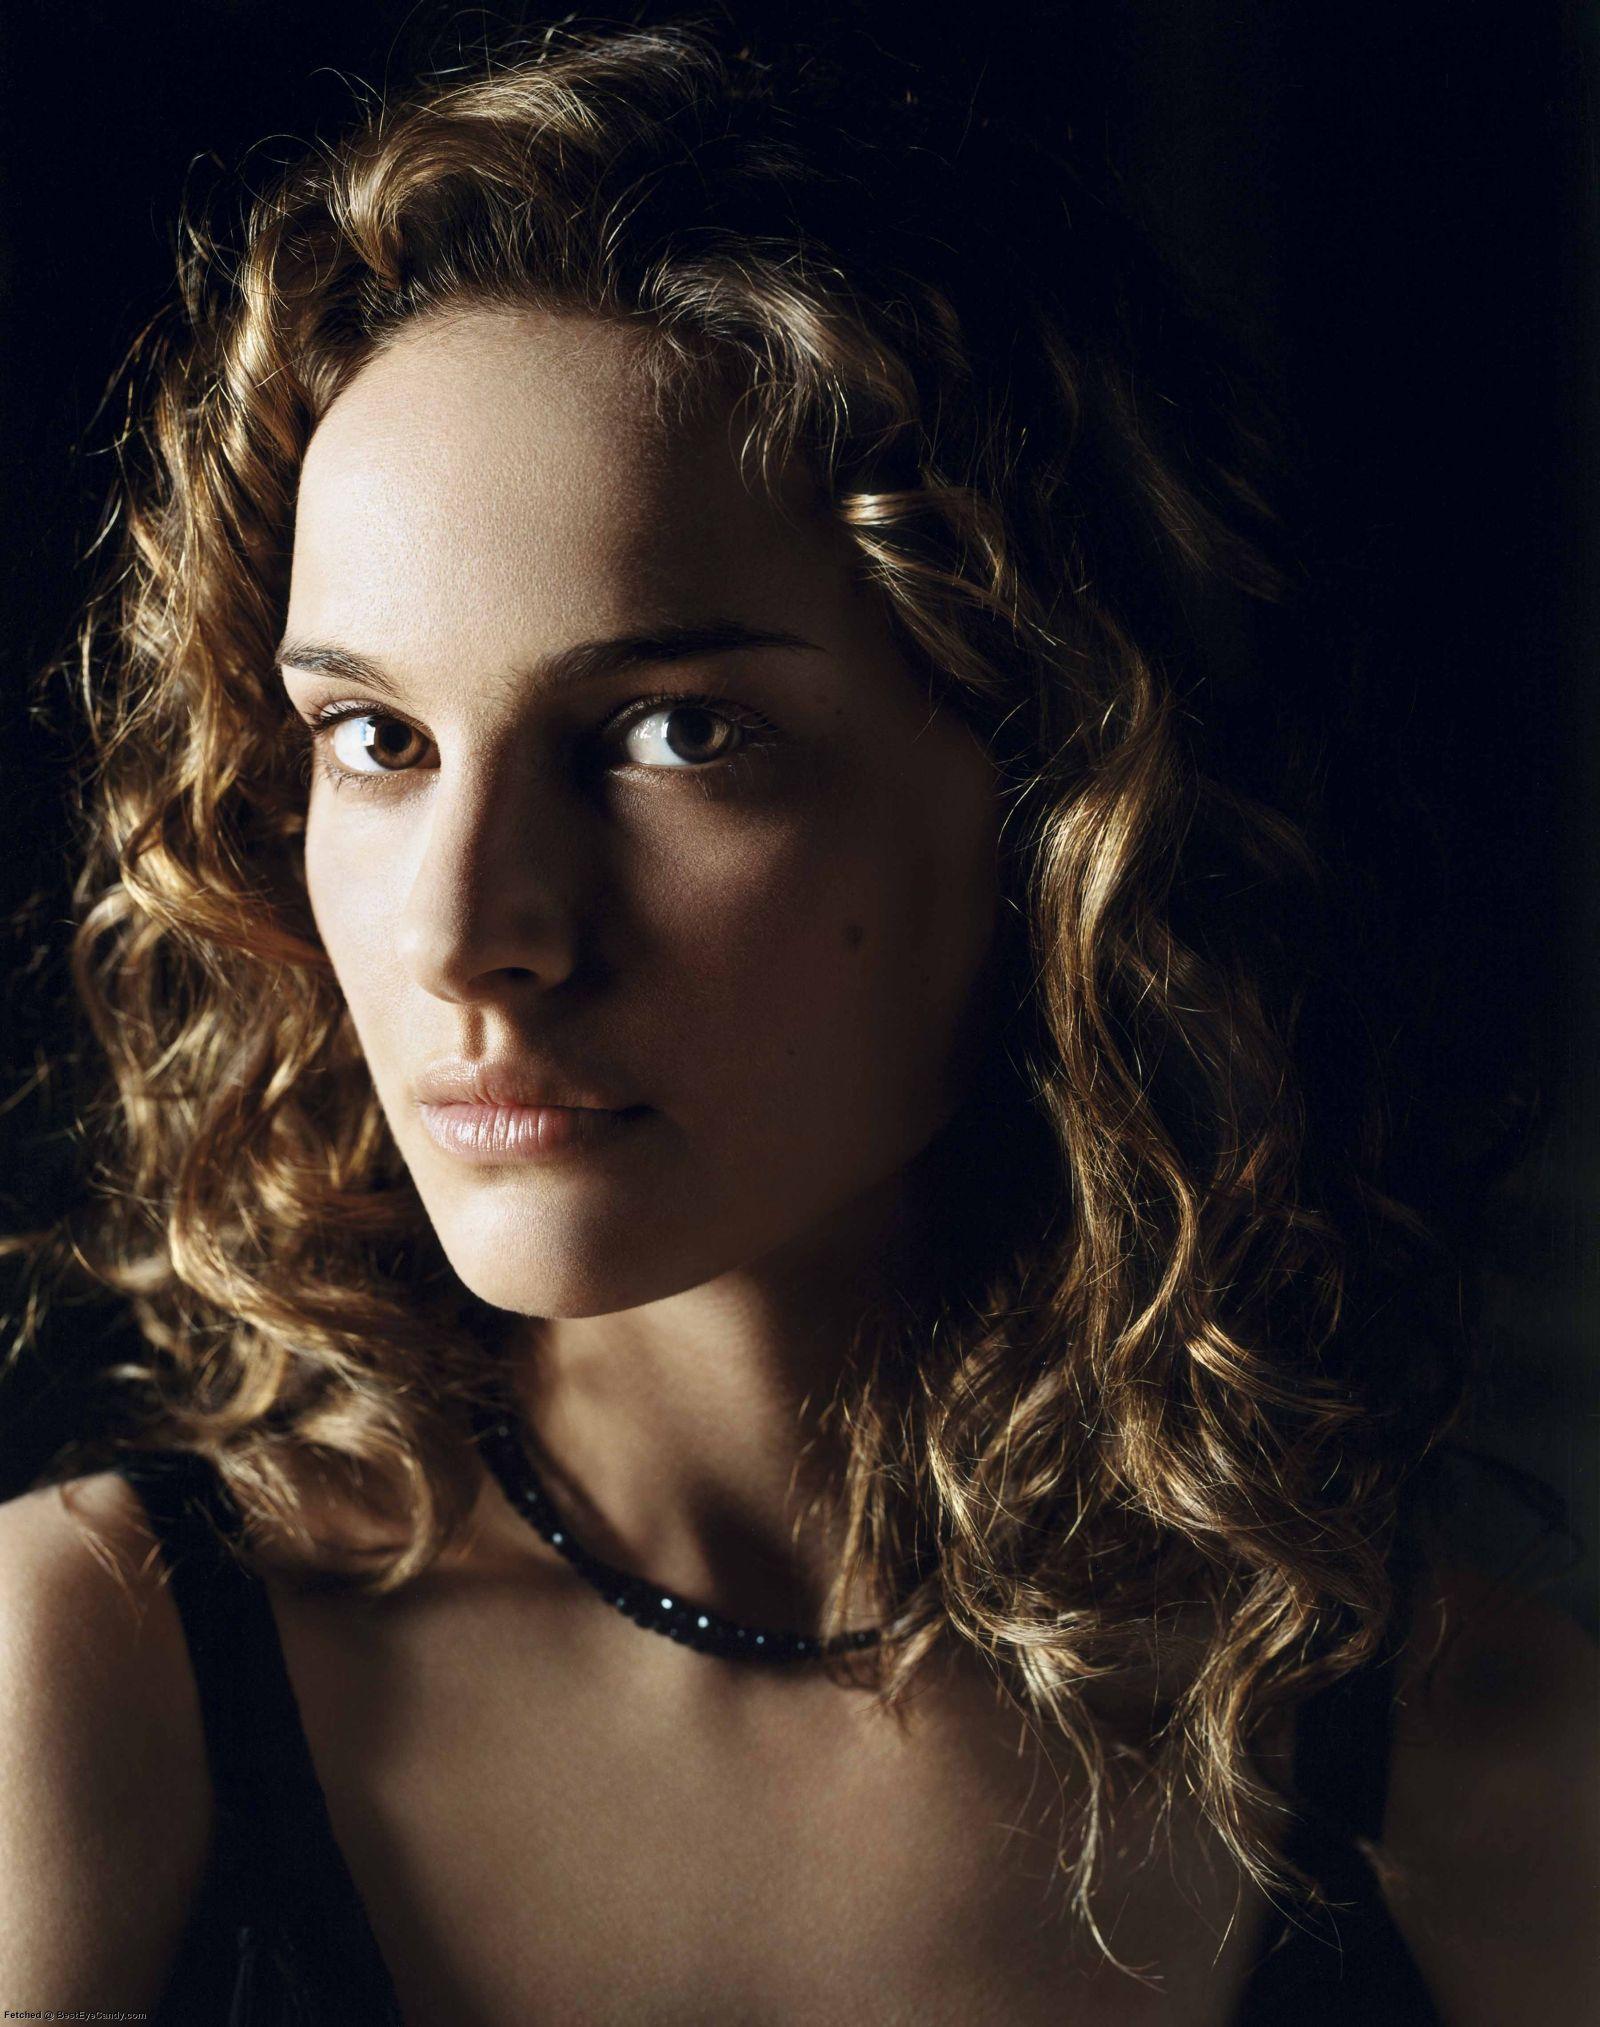 women, Face, Natalie Portman Wallpapers HD / Desktop and